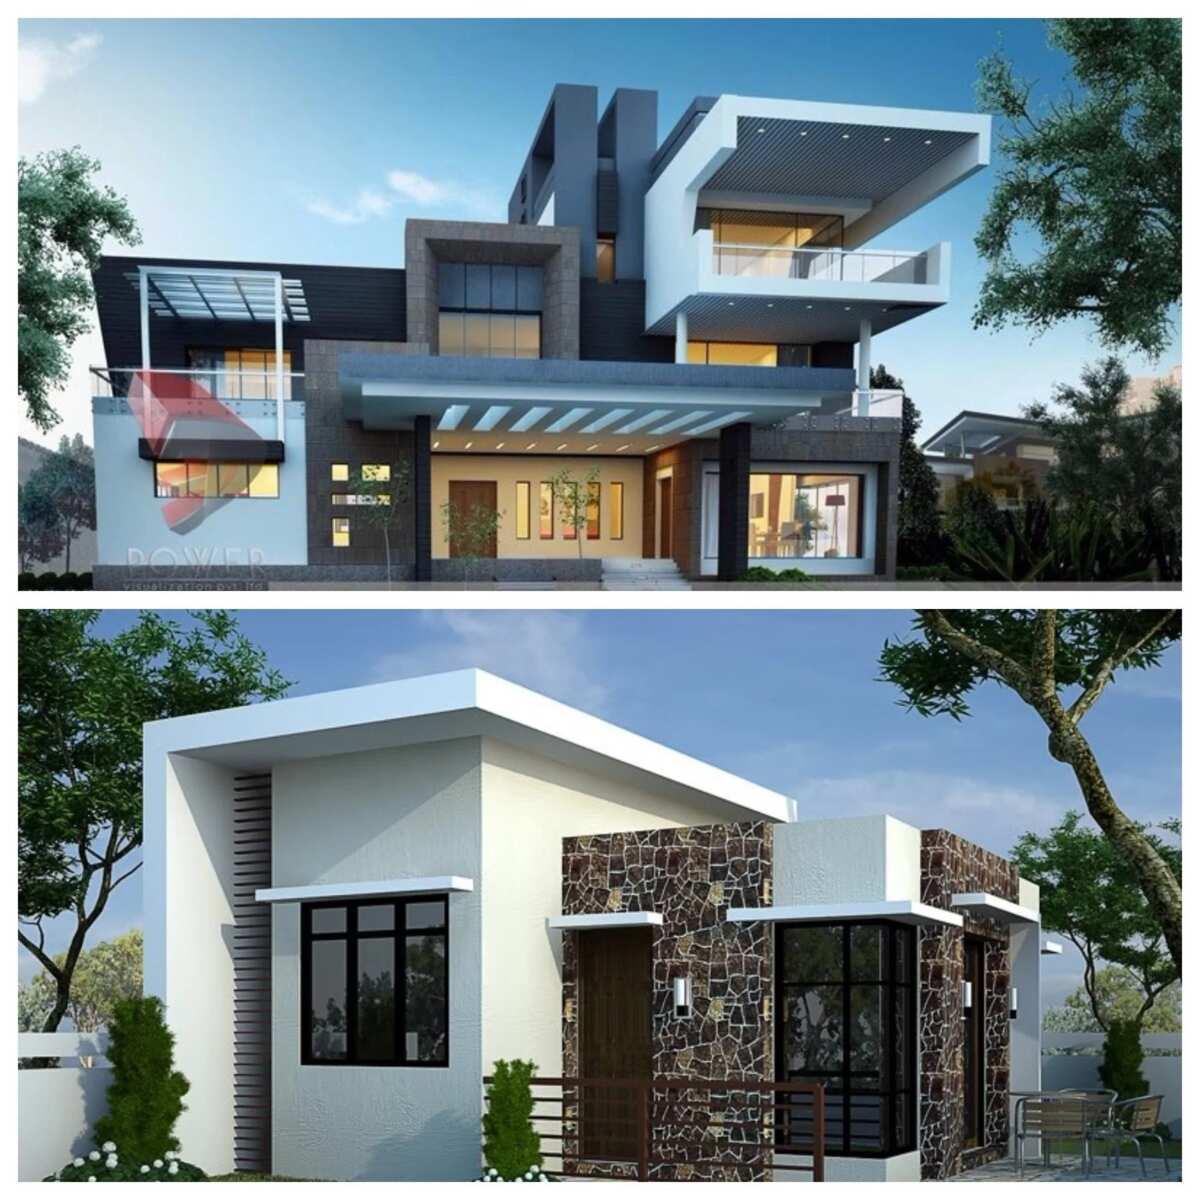 Latest bungalow designs in nigeria ▷ legit ng